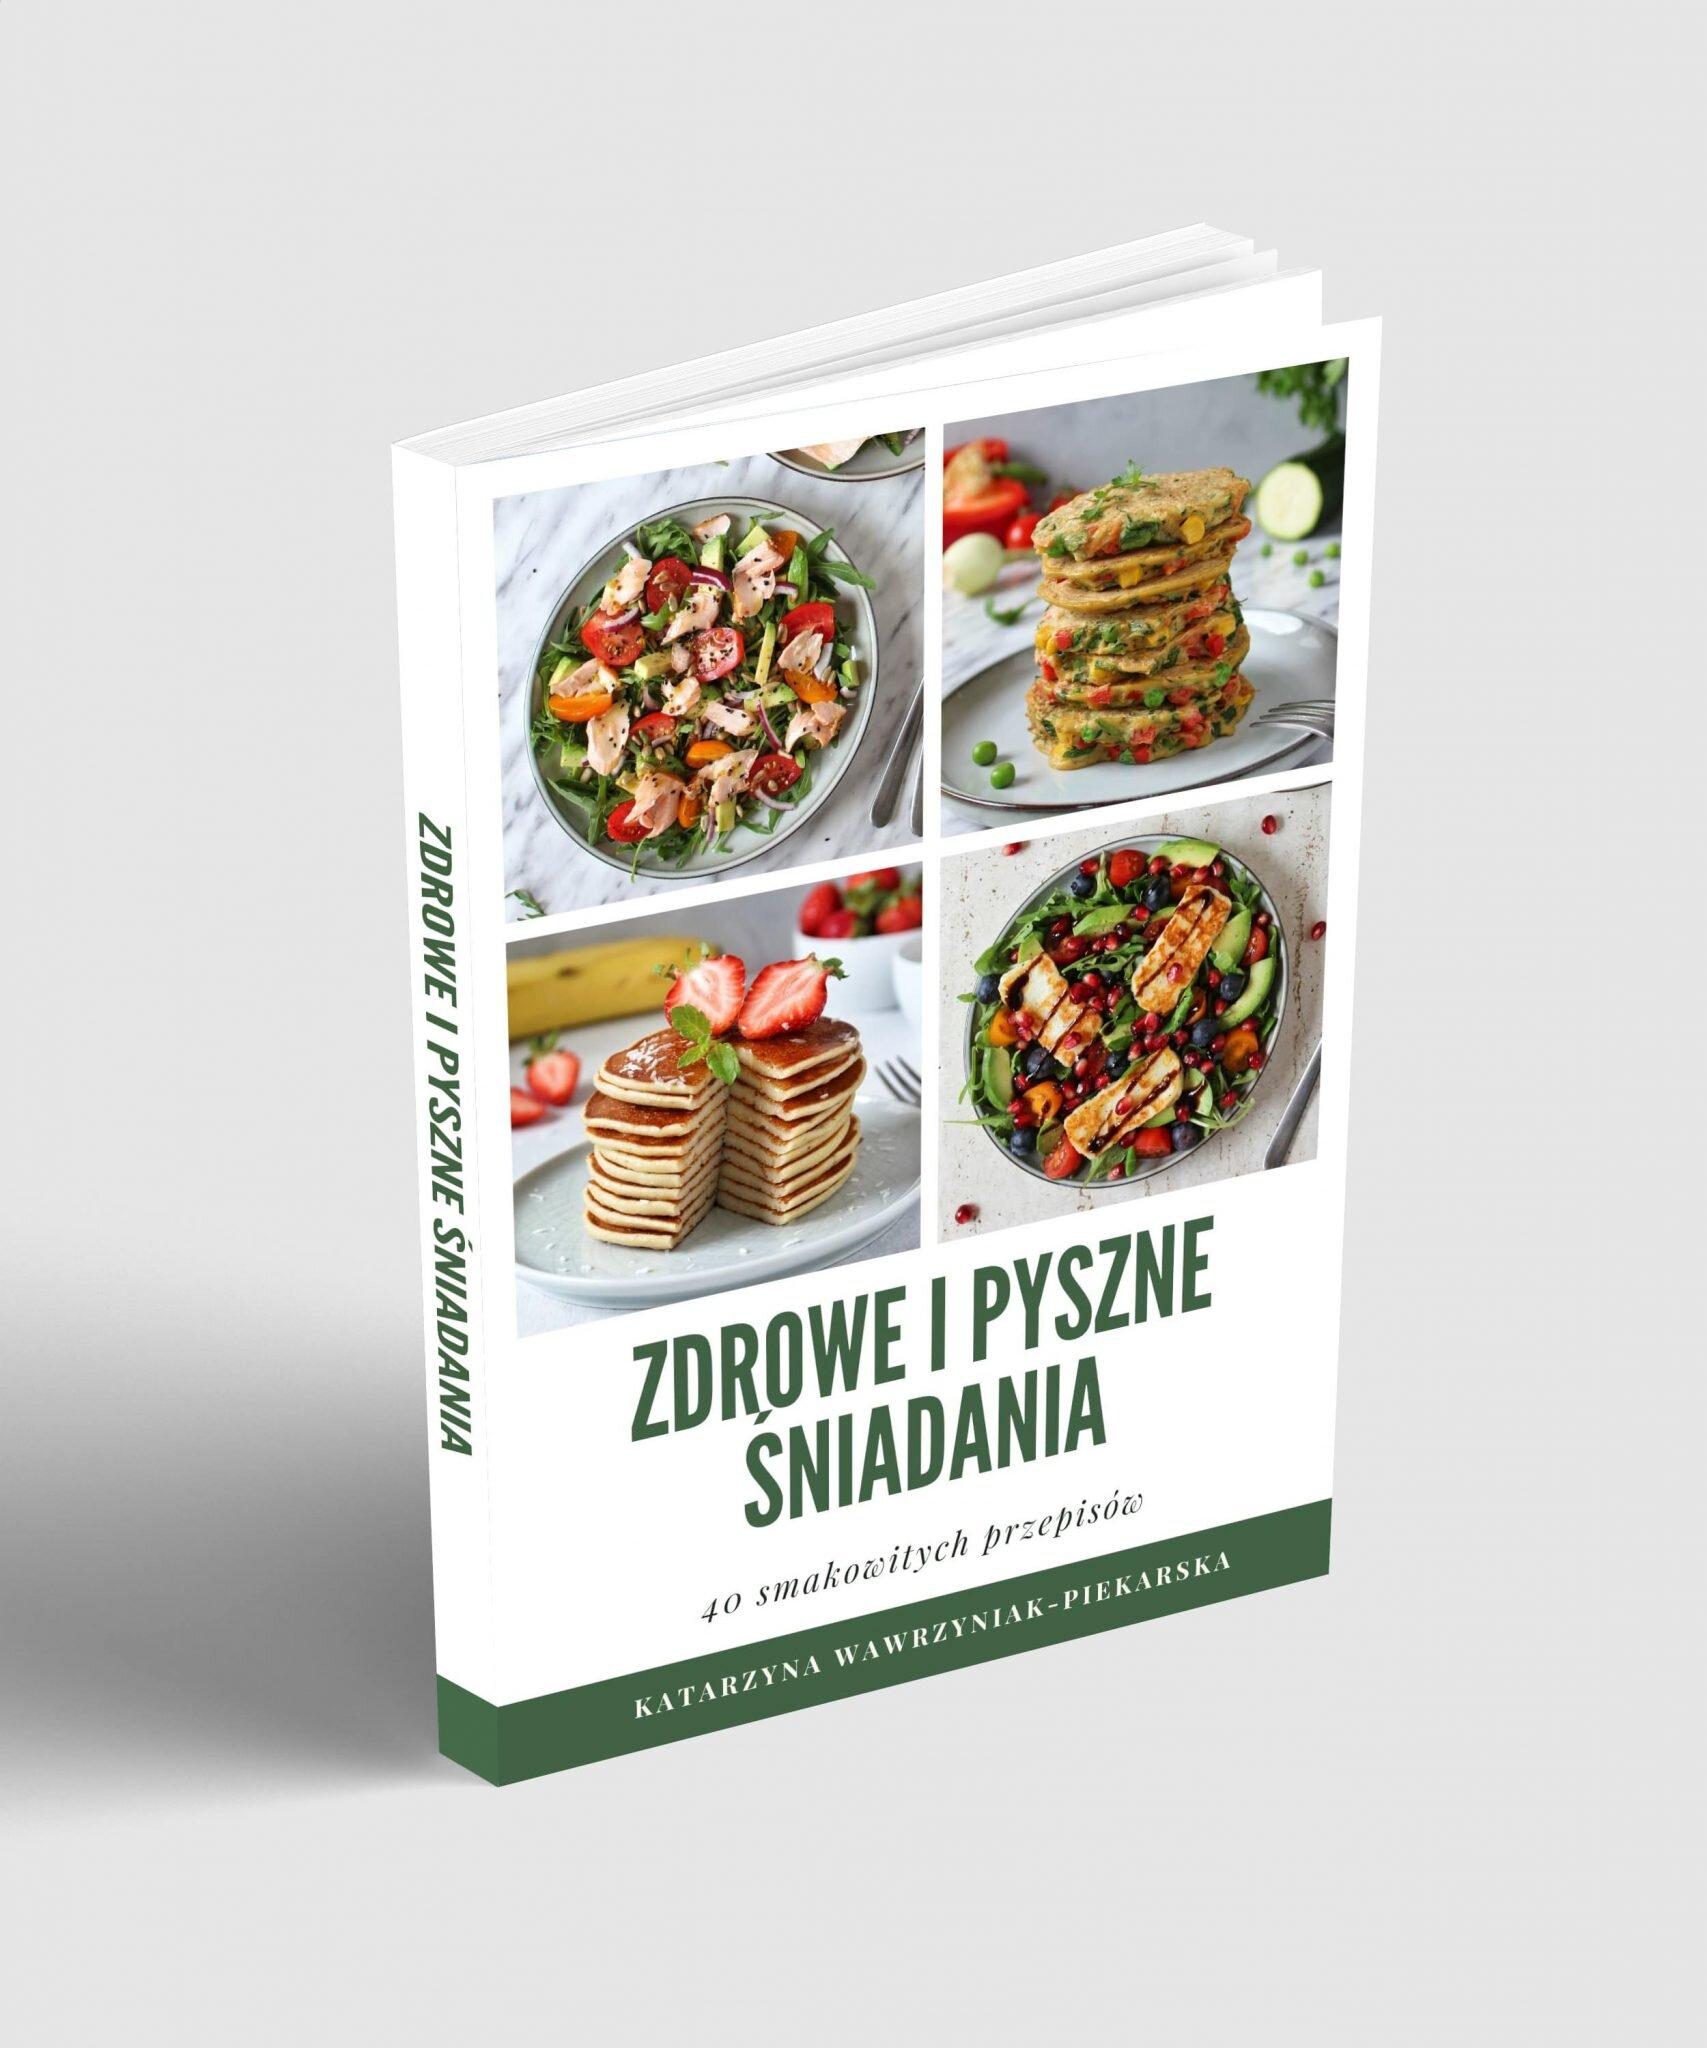 https://www.odzywiajsiezdrowo.pl/produkt/e-book-zdrowe-i-pyszne-sniadania/